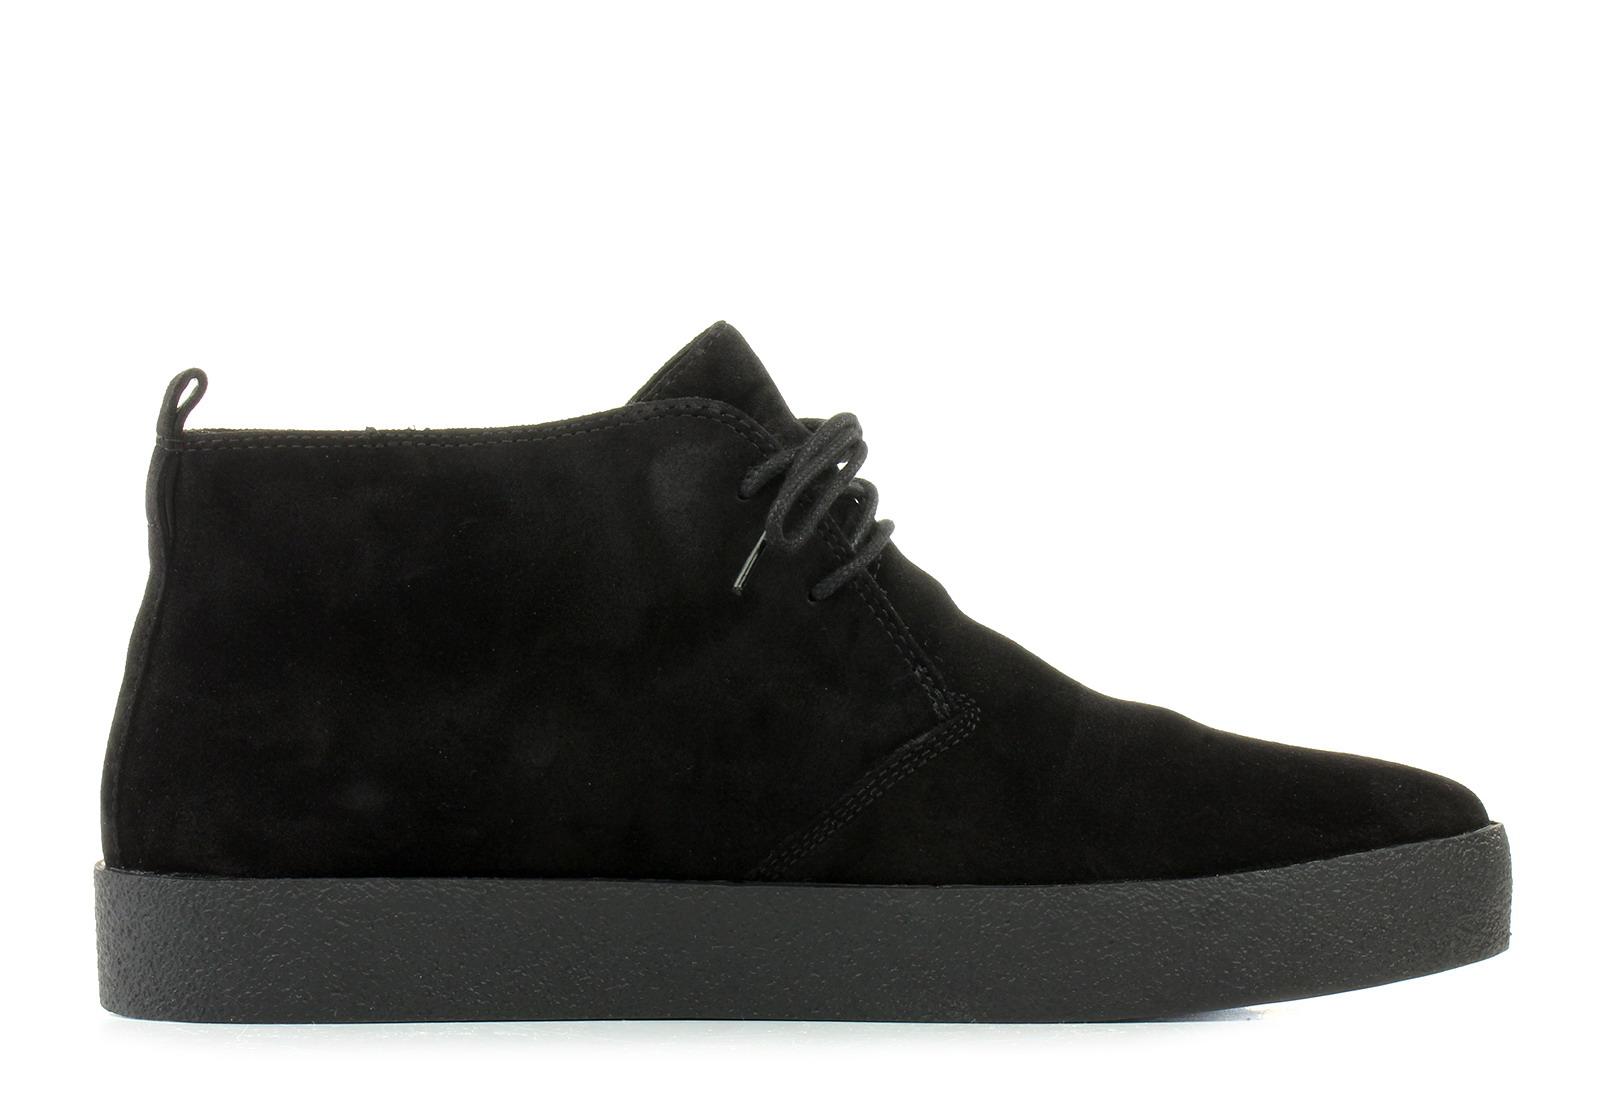 Vásárlás: Vagabond Luis Cipő Fekete Férfi cipő árak